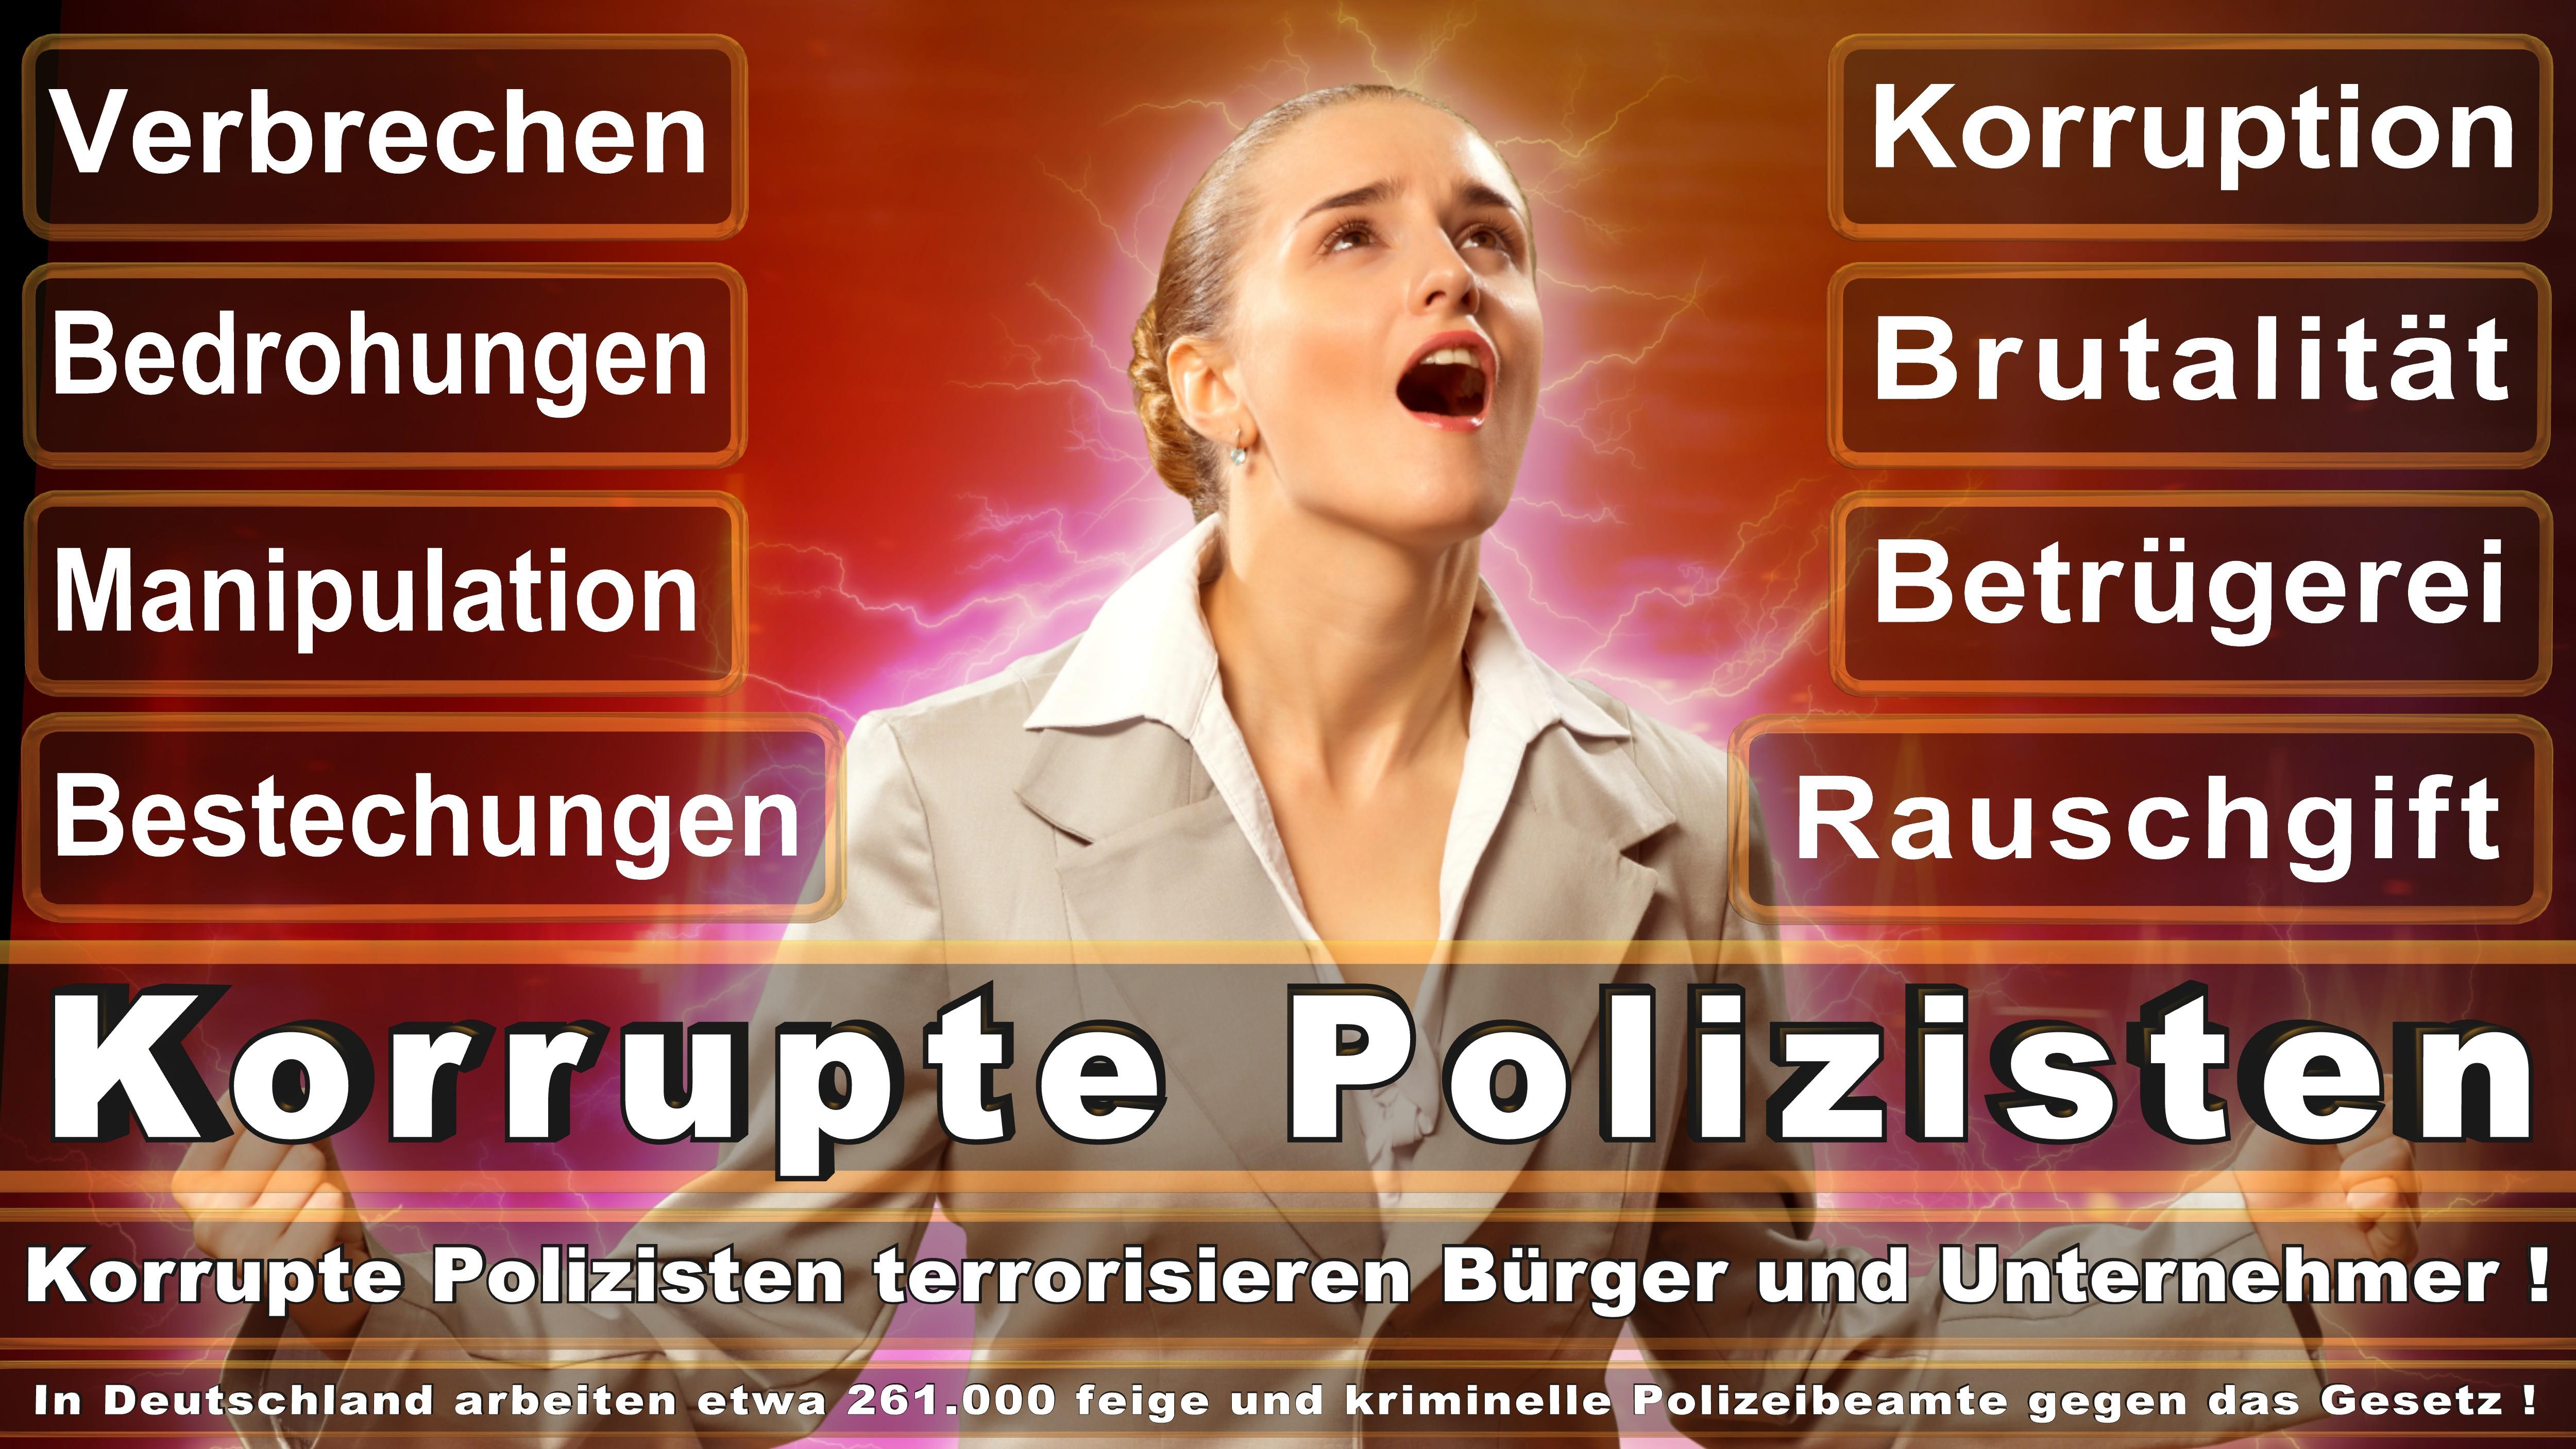 Polizei-Bielefeld (180) Polizei, Bielefeld, Polizeirevier, Polizeibehörde, Polizeiwache, Polizeieinsatz, Bielefeld, Polizei, News, Nachrichten,